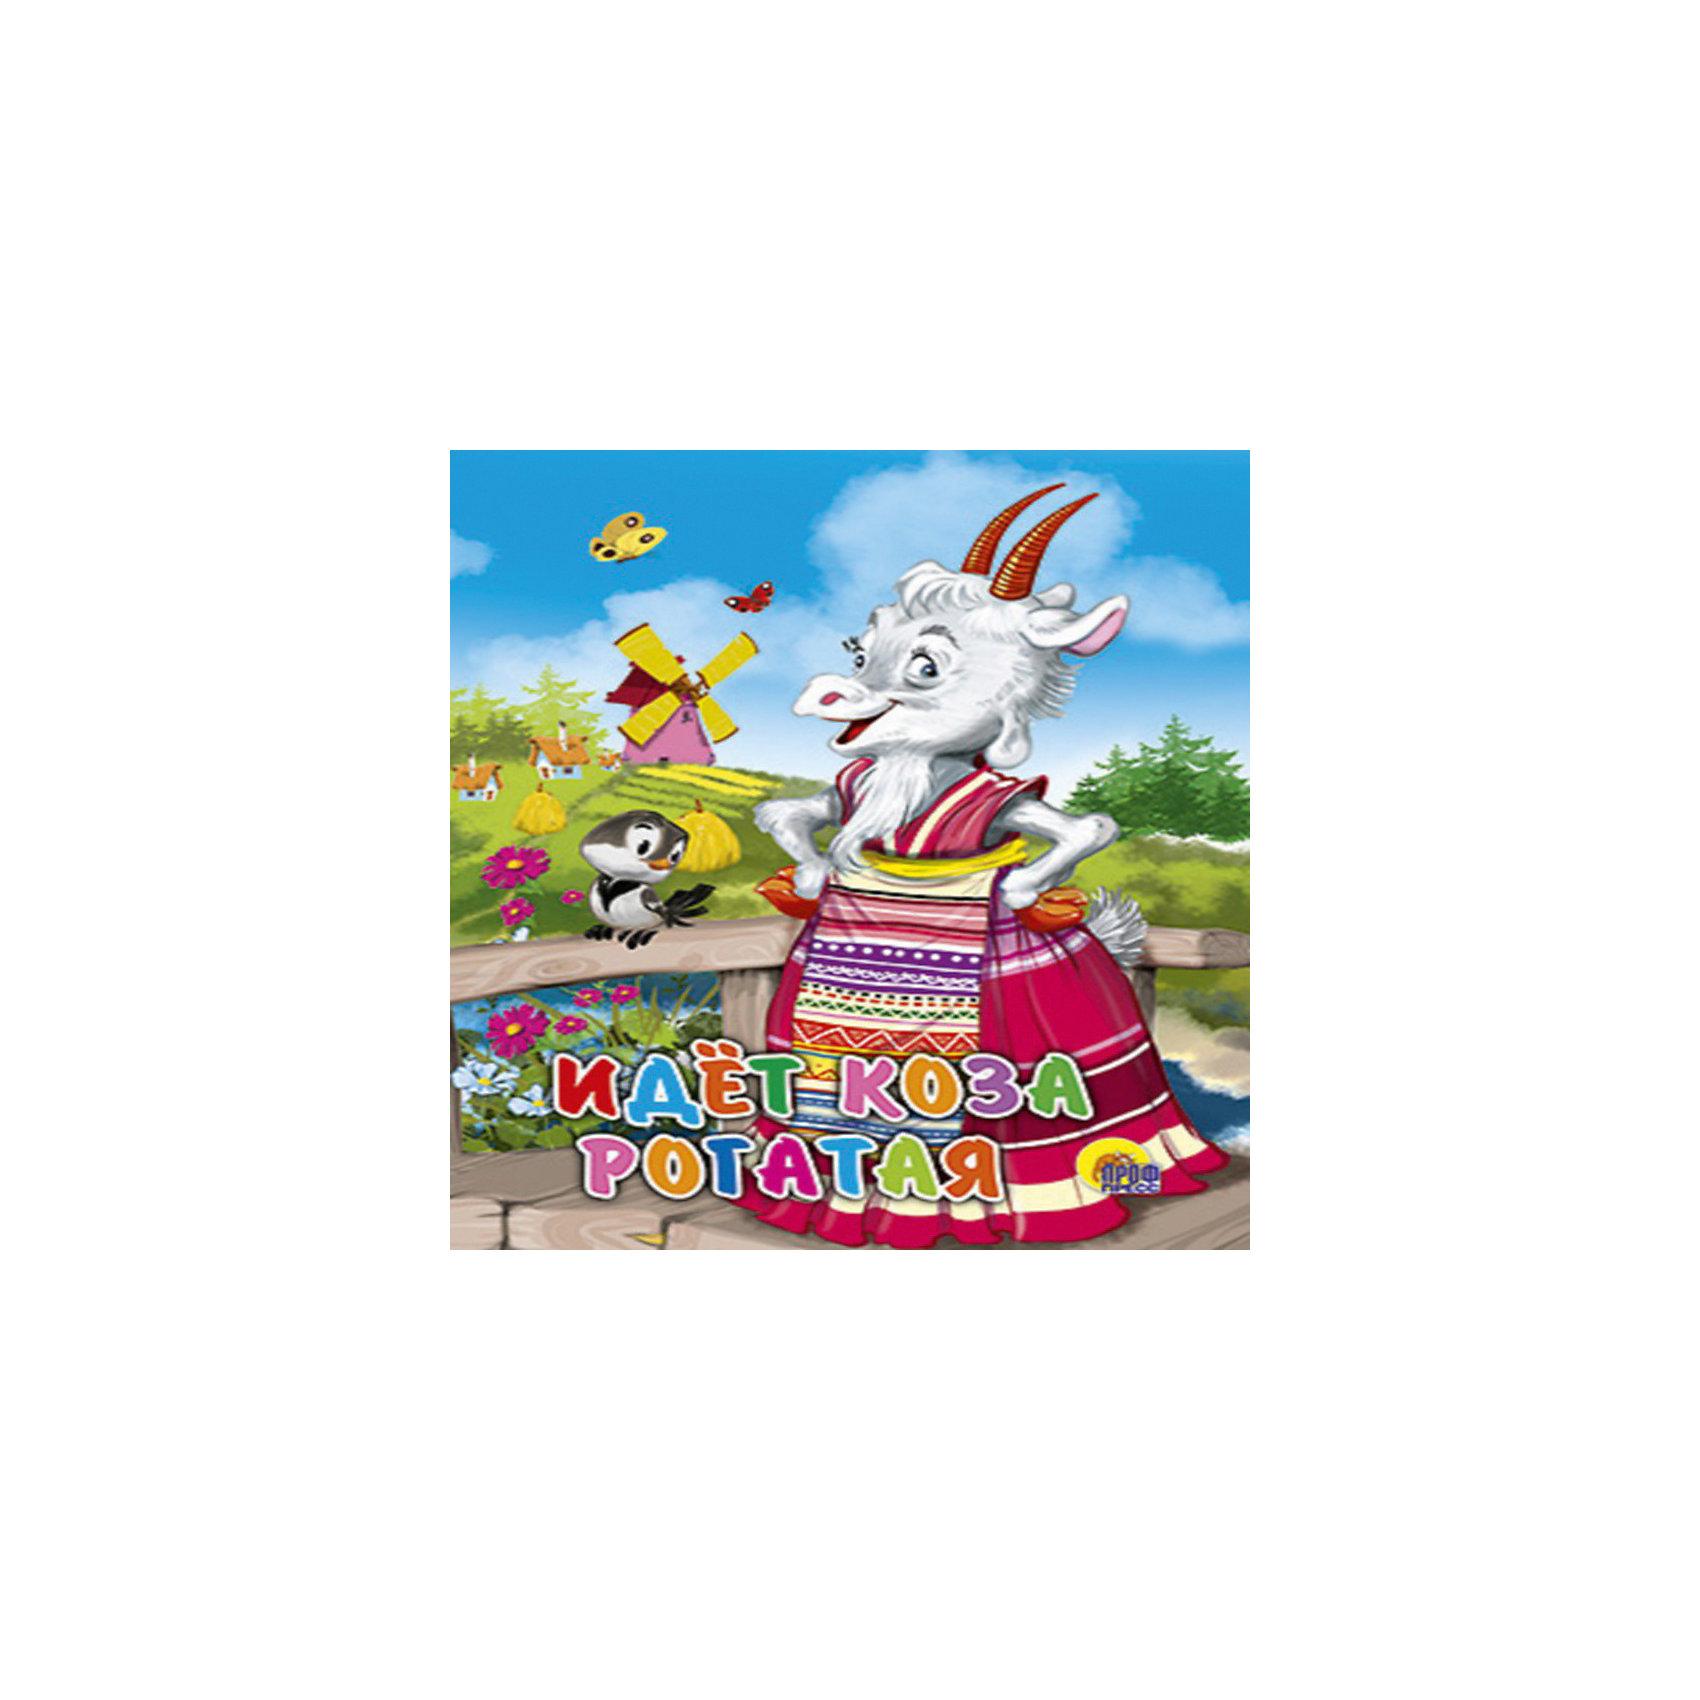 Идет коза рогатаяКнига на картоне с вырубкой от Проф-Пресс содержит русскую народную сказку Идет коза рогатая. Яркие красочные иллюстрации сопровождают каждую страницу книги.  Для чтения взрослыми детям.<br><br>Дополнительная информация:<br><br>- Художник: И. Есаулов.<br>- Серия: Вырубки на картоне Большие.<br>- Обложка: картонная.<br>- Иллюстрации: цветные.<br>- Объем: 8 стр. (картон).<br>- Формат: 20,6 x 15,3 см.<br>- Вес: 122 гр.<br><br>Книгу Идет коза рогатая, Проф-Пресс можно купить в нашем интернет-магазине.<br><br>Ширина мм: 105<br>Глубина мм: 7<br>Высота мм: 150<br>Вес г: 66<br>Возраст от месяцев: 24<br>Возраст до месяцев: 48<br>Пол: Унисекс<br>Возраст: Детский<br>SKU: 3805368